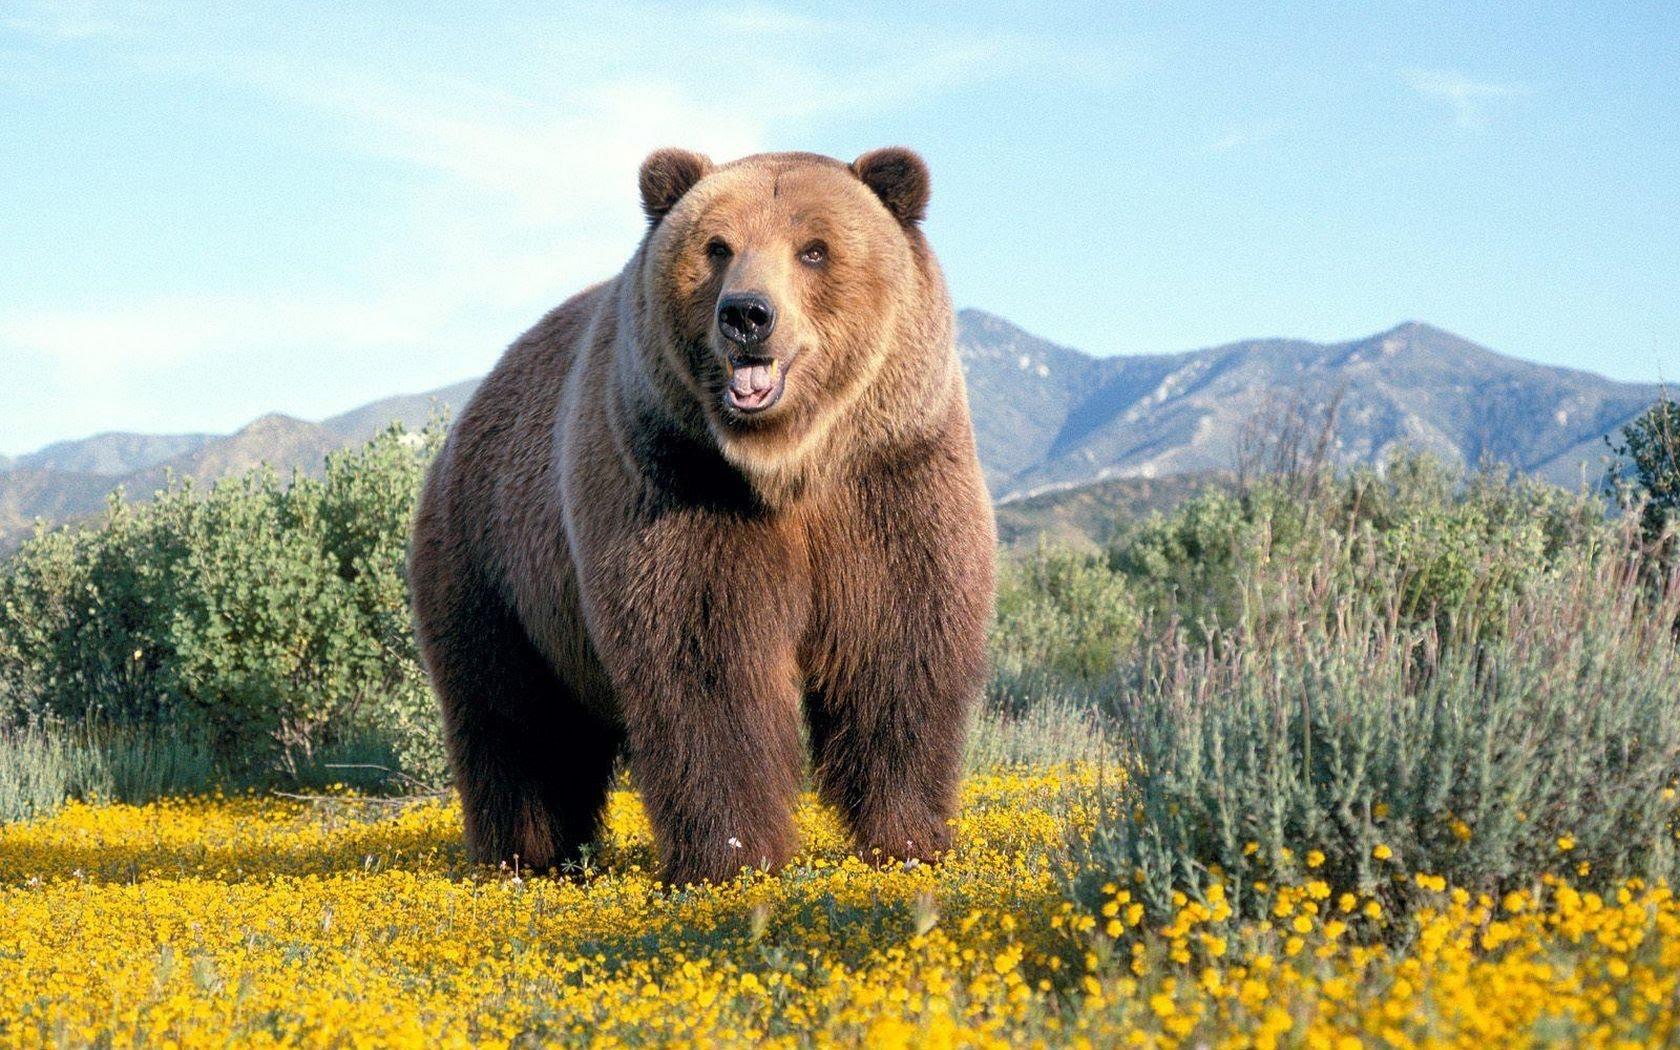 Уютного вечера, медведь все будет хорошо картинка с надписью